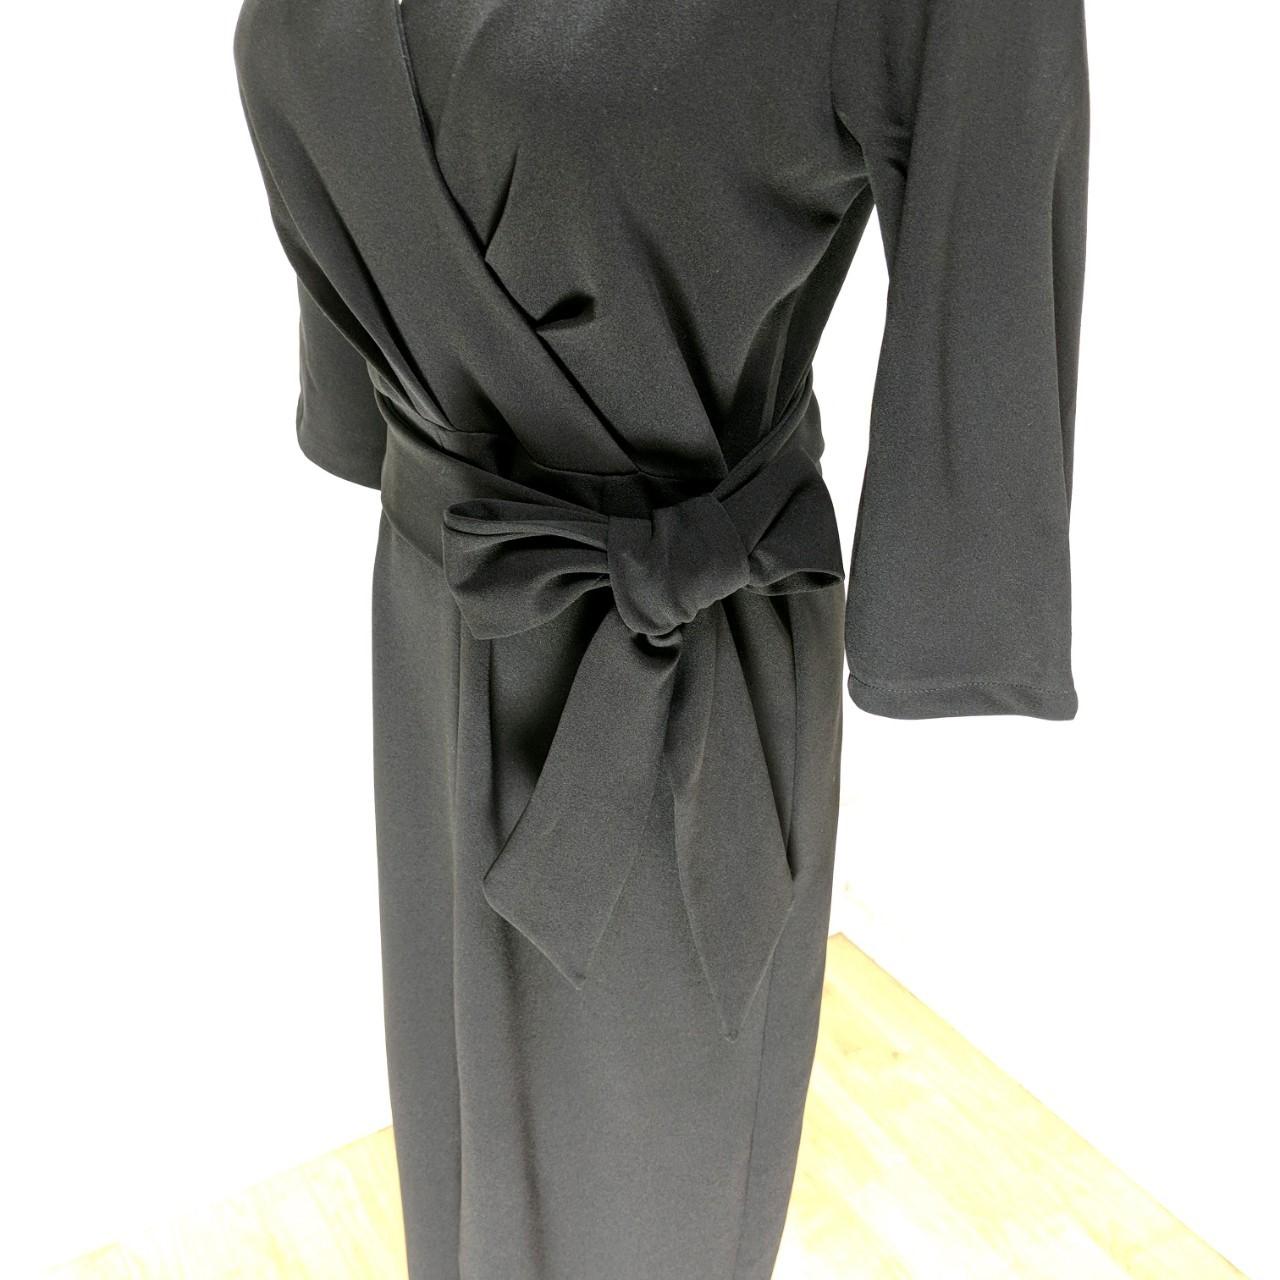 【即納】韓国 ファッション ワンピース パーティードレス ロング マキシ 秋 冬 パーティー ブライダル SPTXC523 結婚式 お呼ばれ ラップ ドレープ ウエストマーク 二次会 セレブ きれいめの写真18枚目